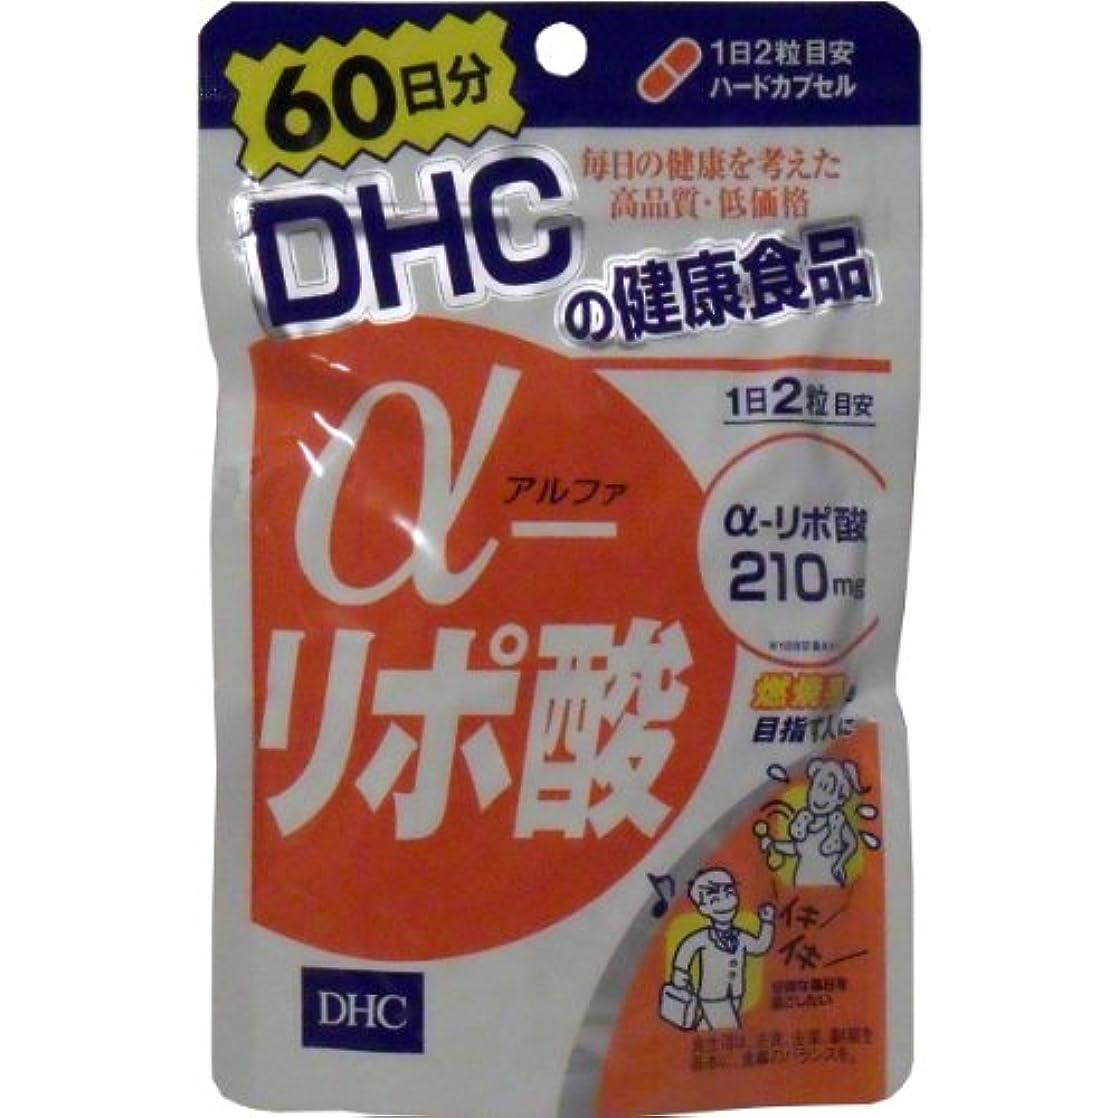 経歴ピボット掘るDHC α-リポ酸 120粒 60日分 ×2個セット